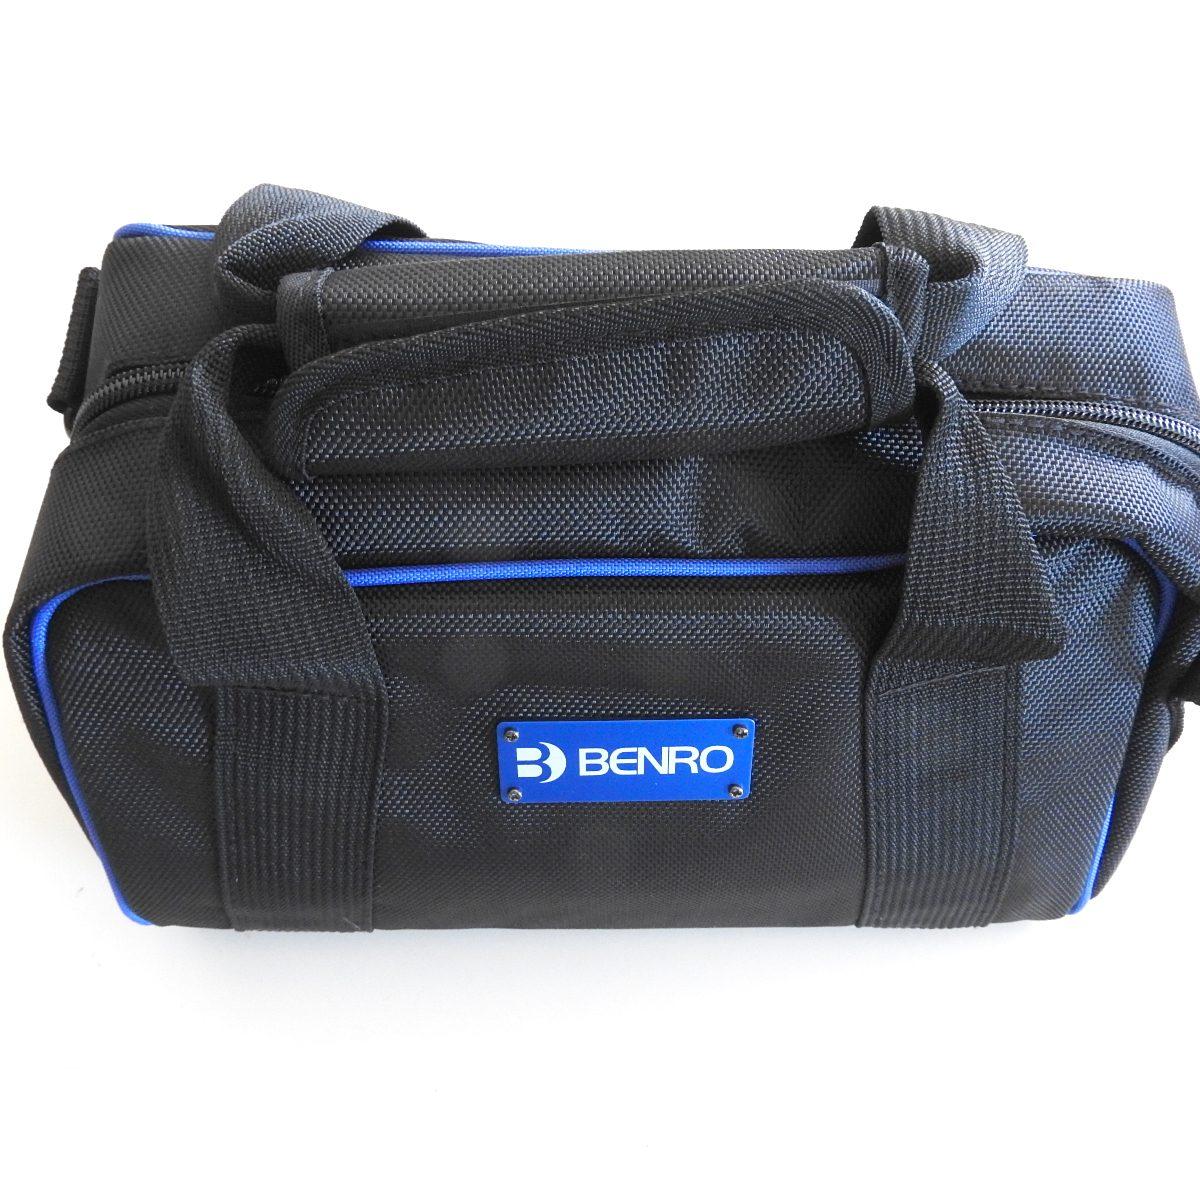 Tourelles et accessoires : SYT OPTRONICS sac de transport | pan tilt and accessories